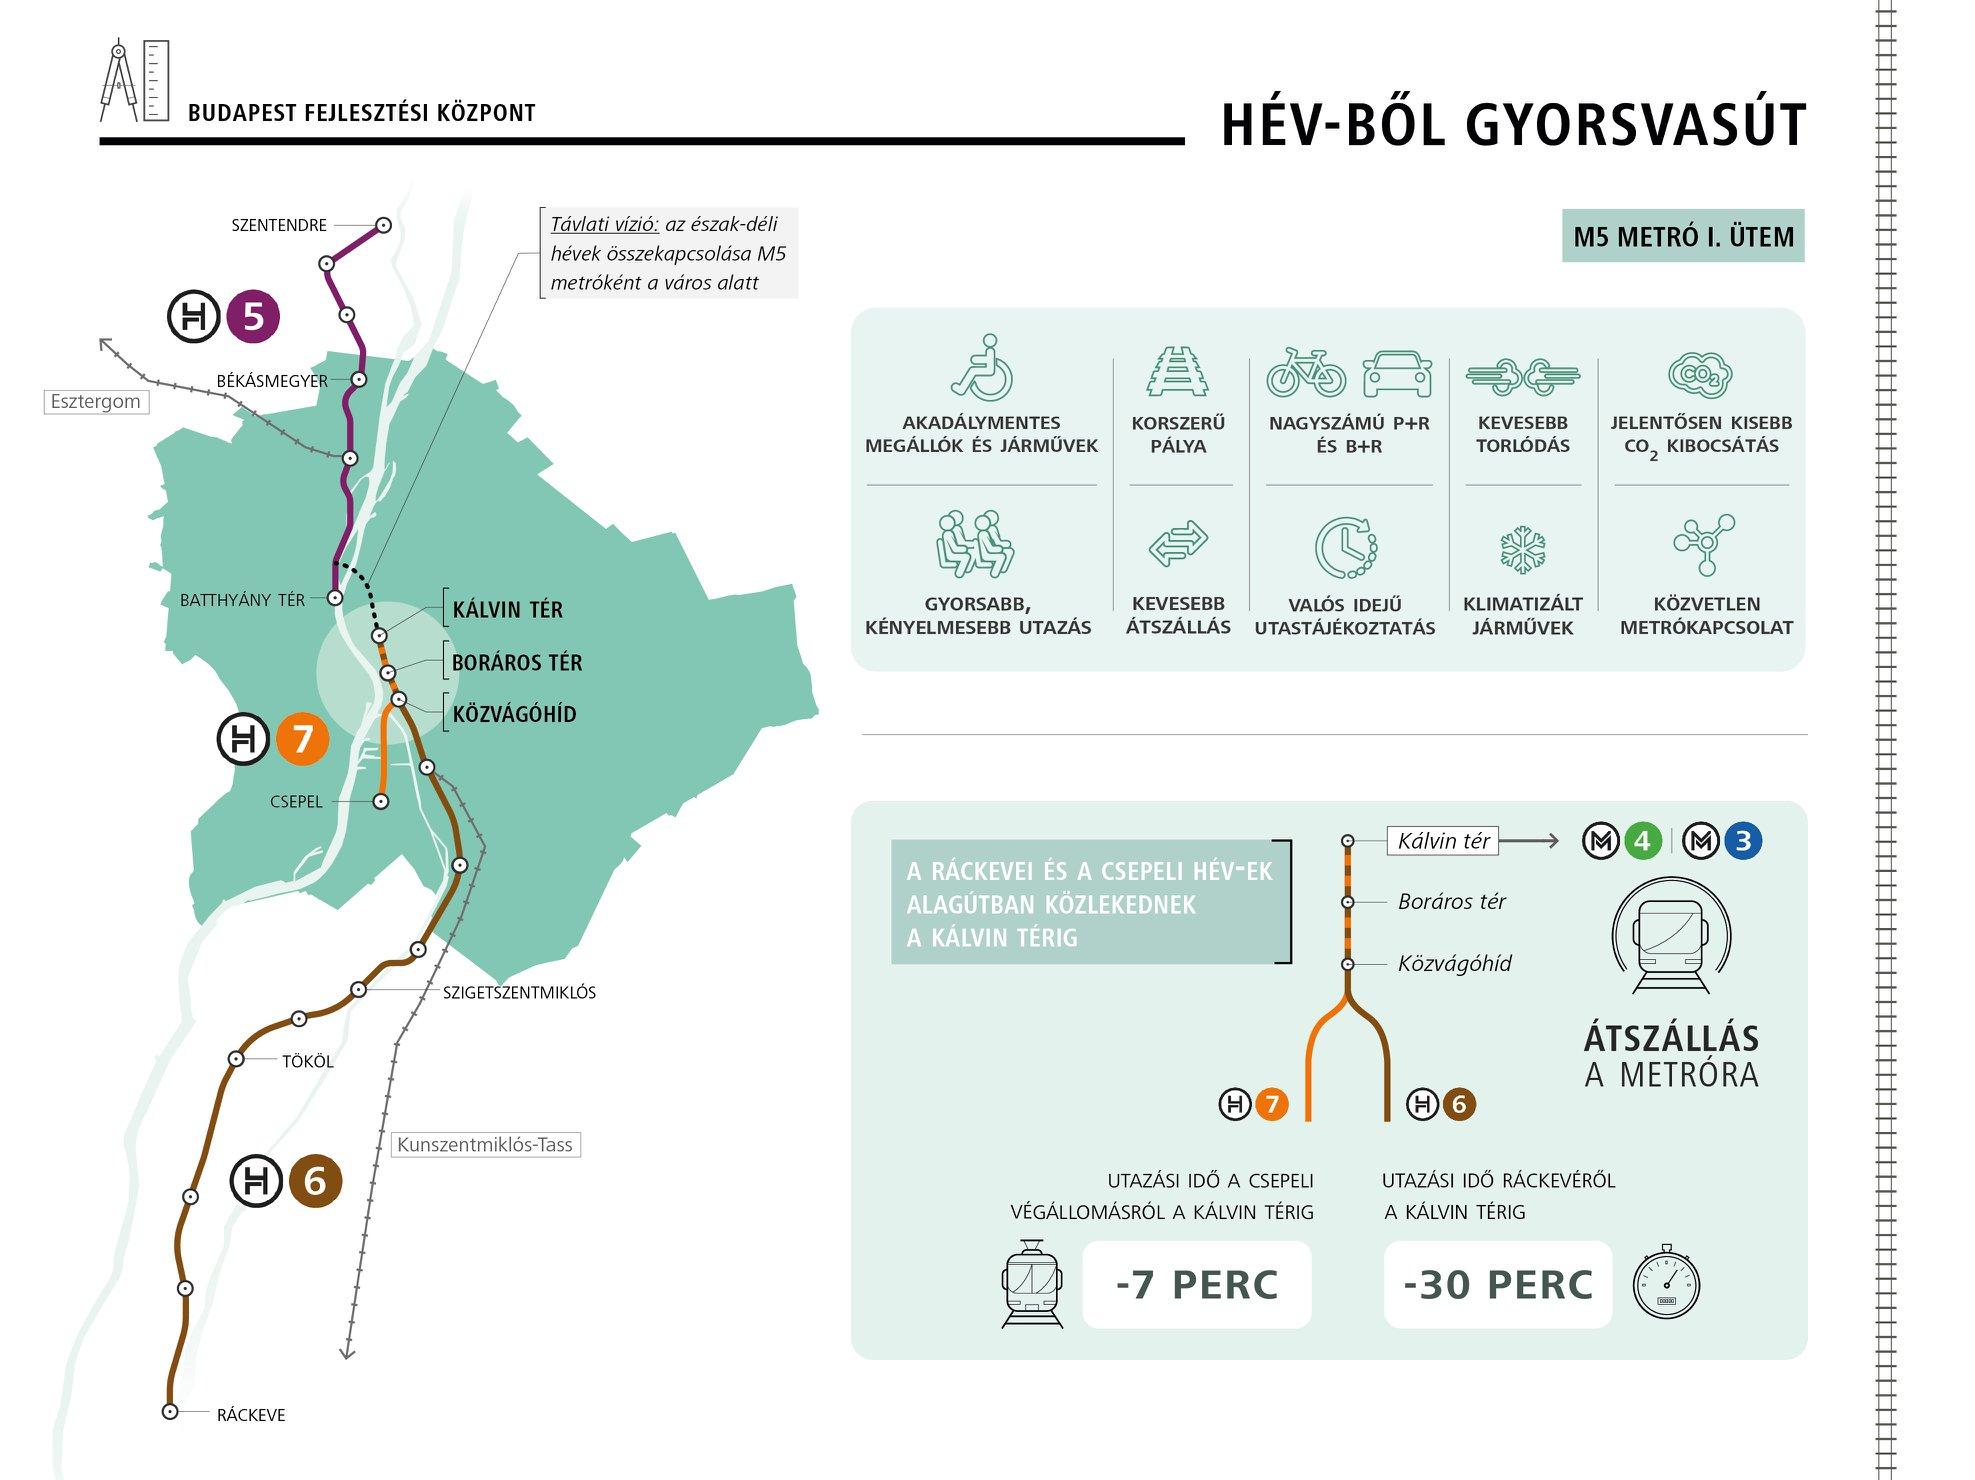 A H5-ös, H6-os és H7-es HÉV-ek föld alatt történő összekötésével hoznák létre az M5-ös metróvonalat (kép forrása: BFK)